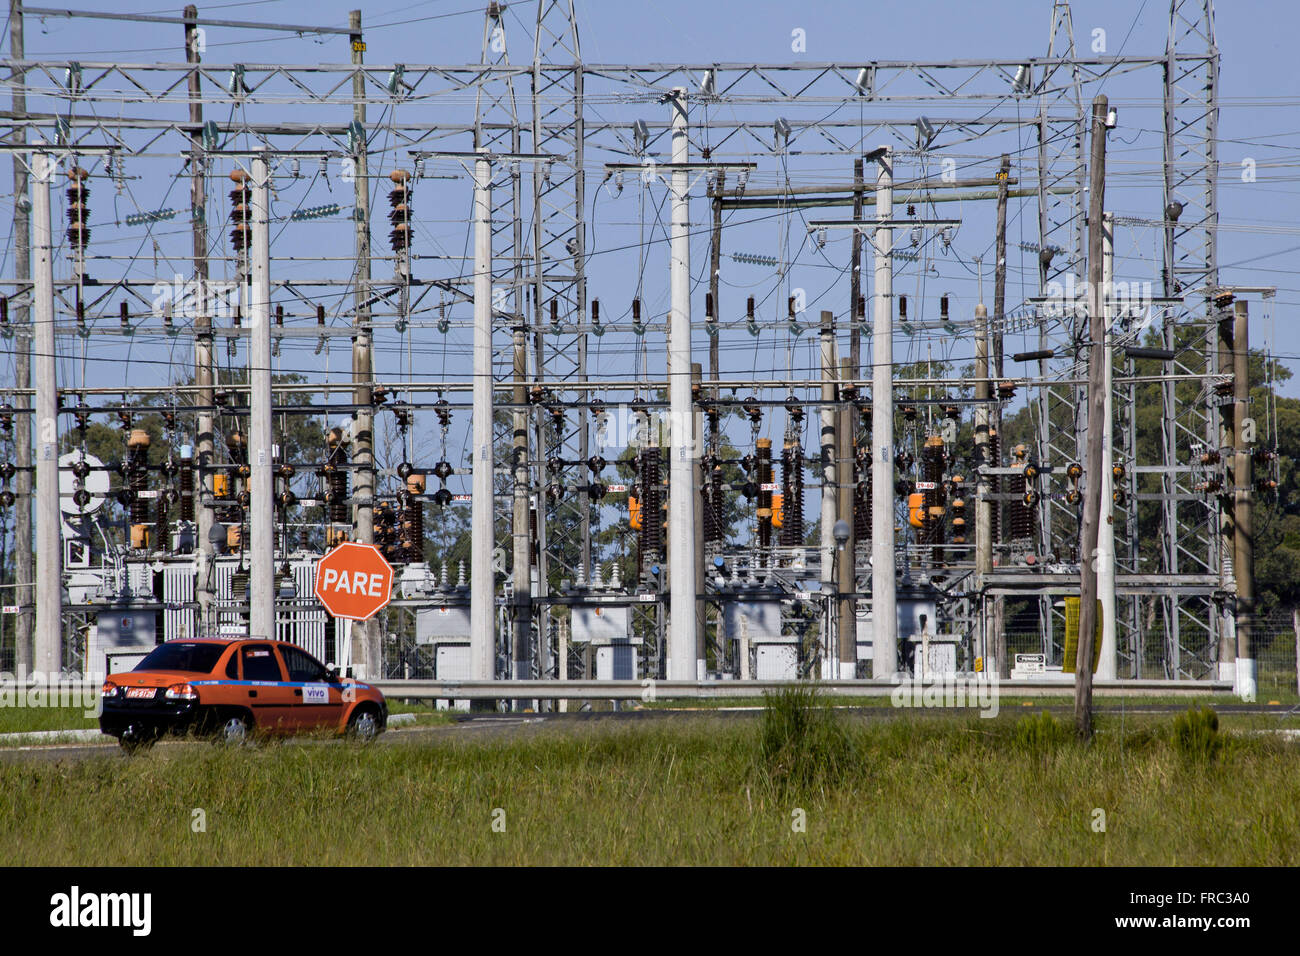 Viajando en automóvil de la calle siguiente subestación energética ciudad Imagen De Stock